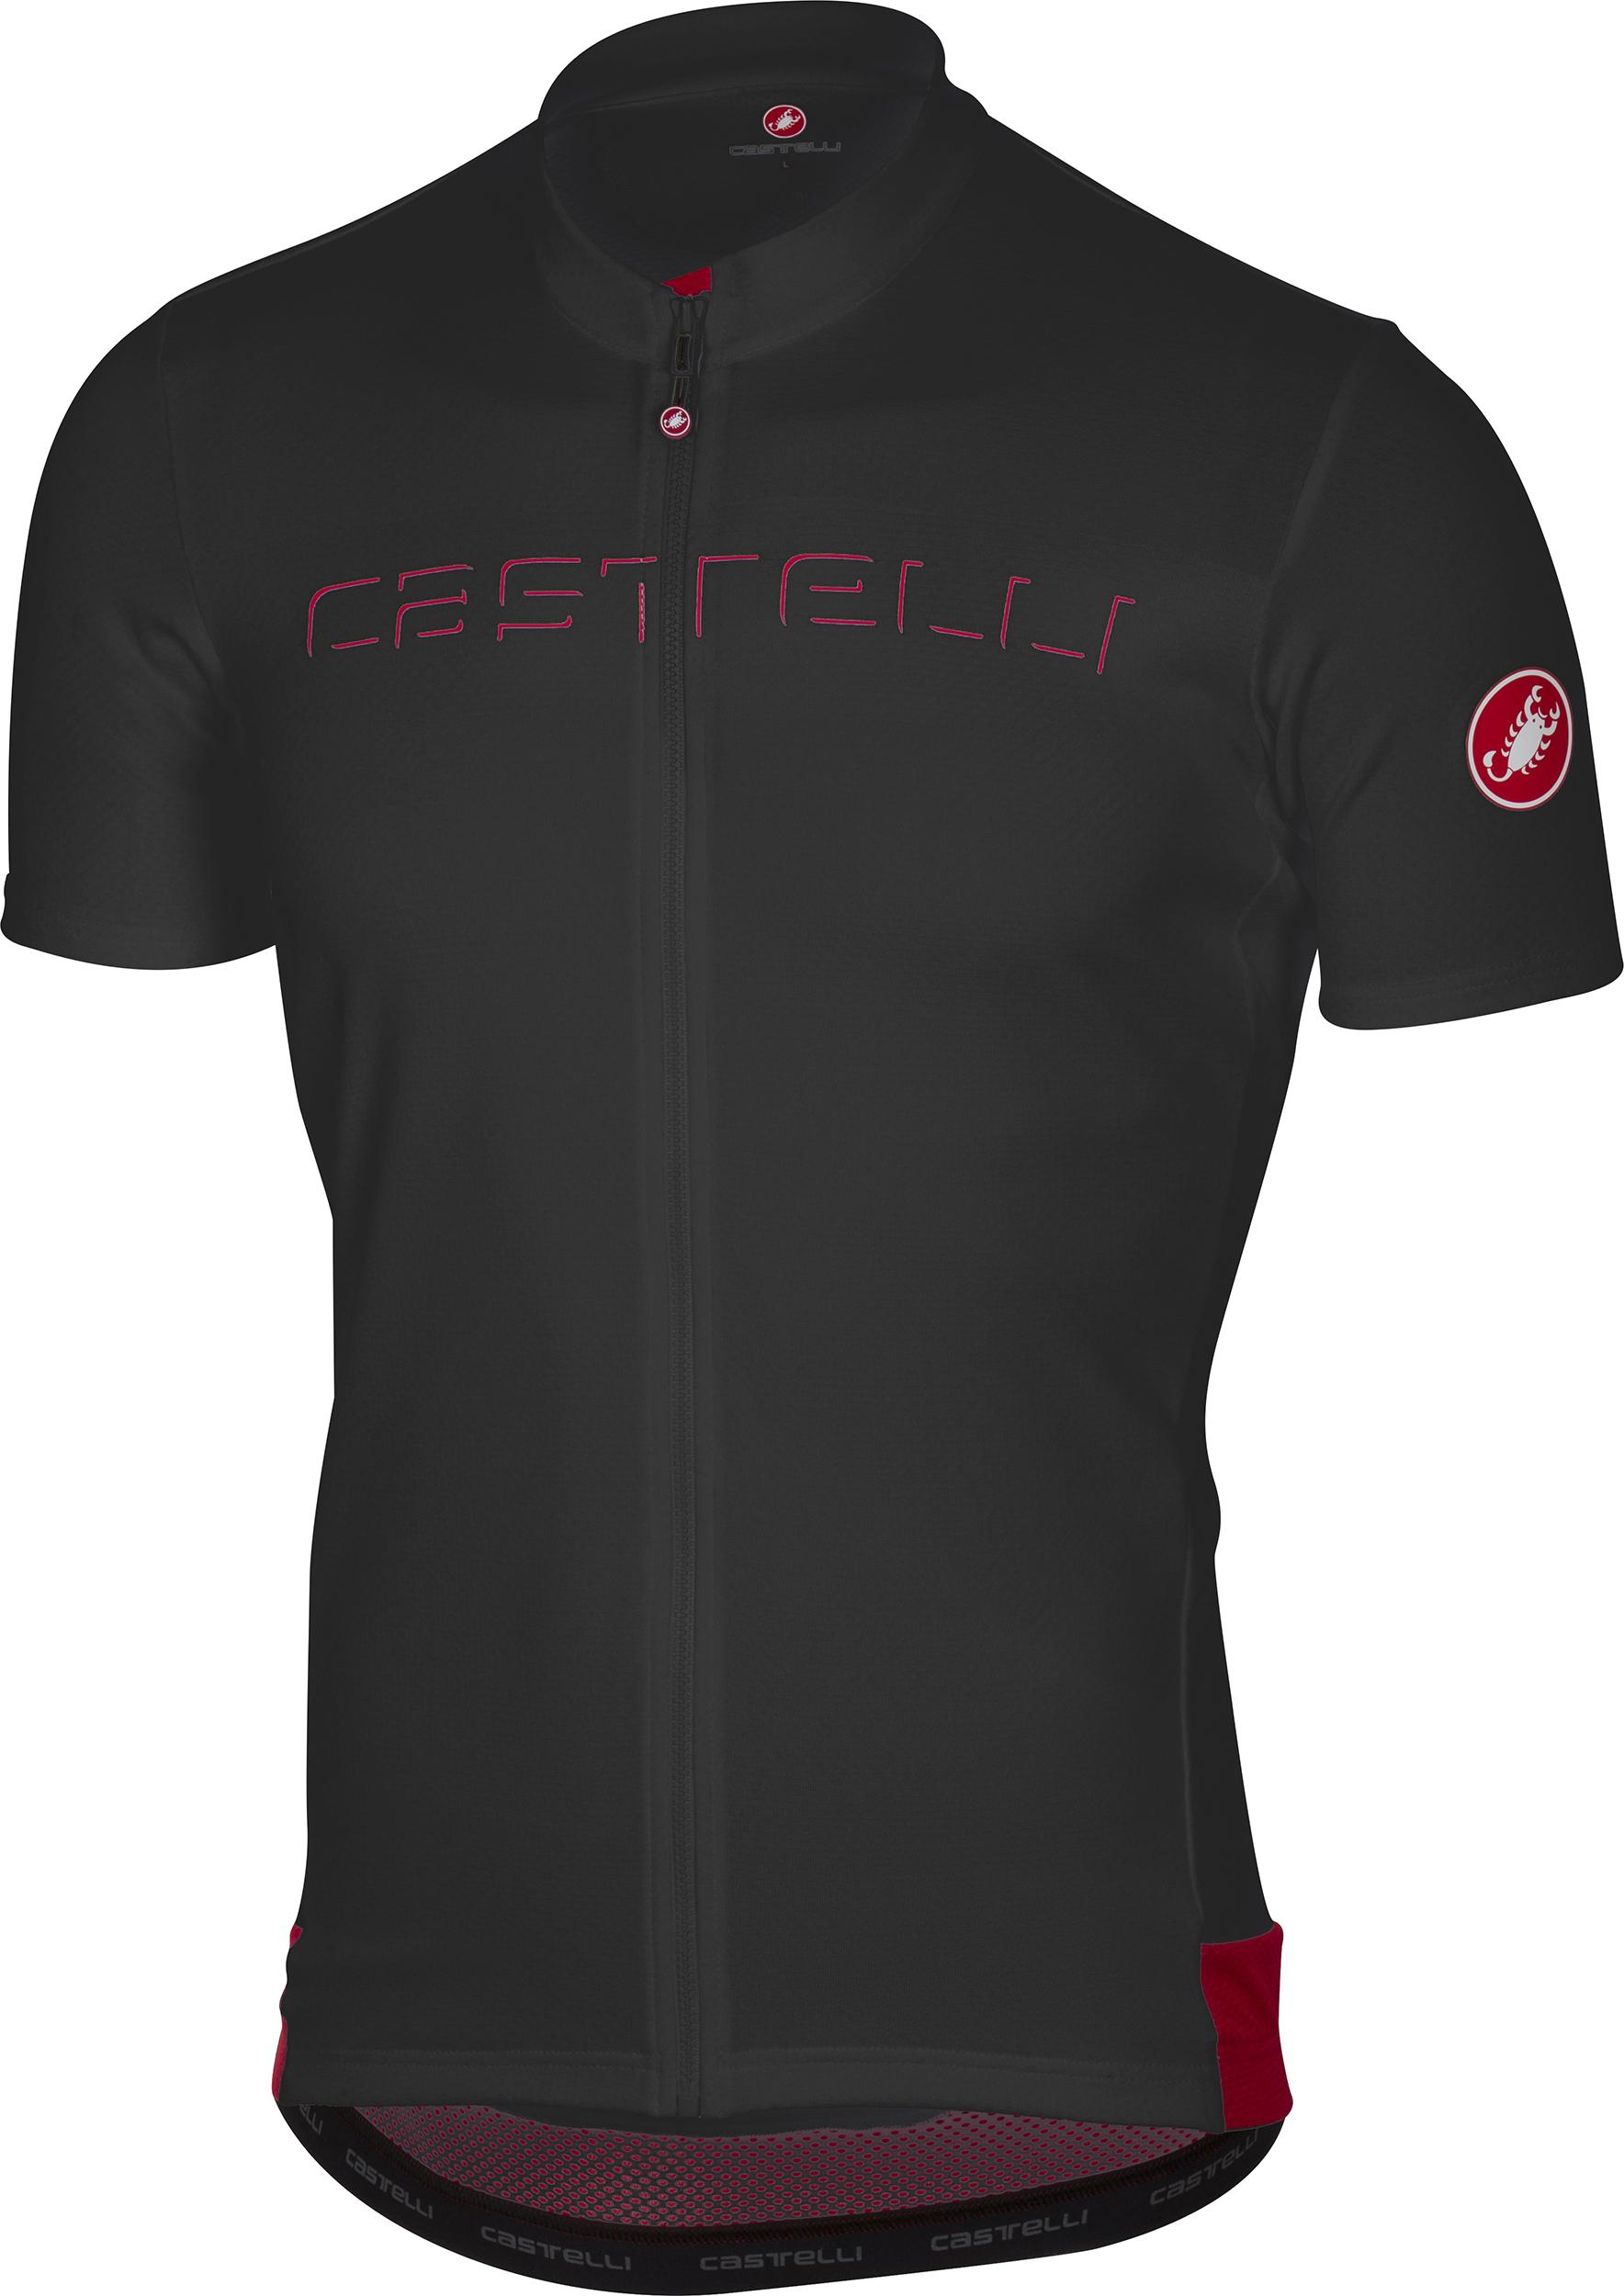 Castelli Men s Short sleeved jerseys 691518ca7